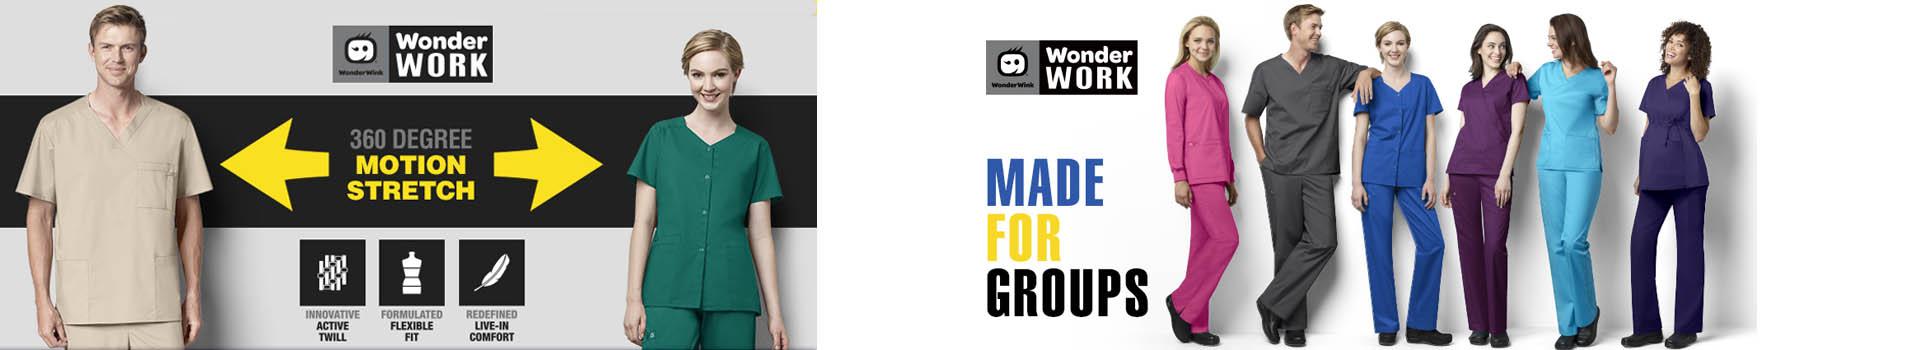 WonderWink WonderWork